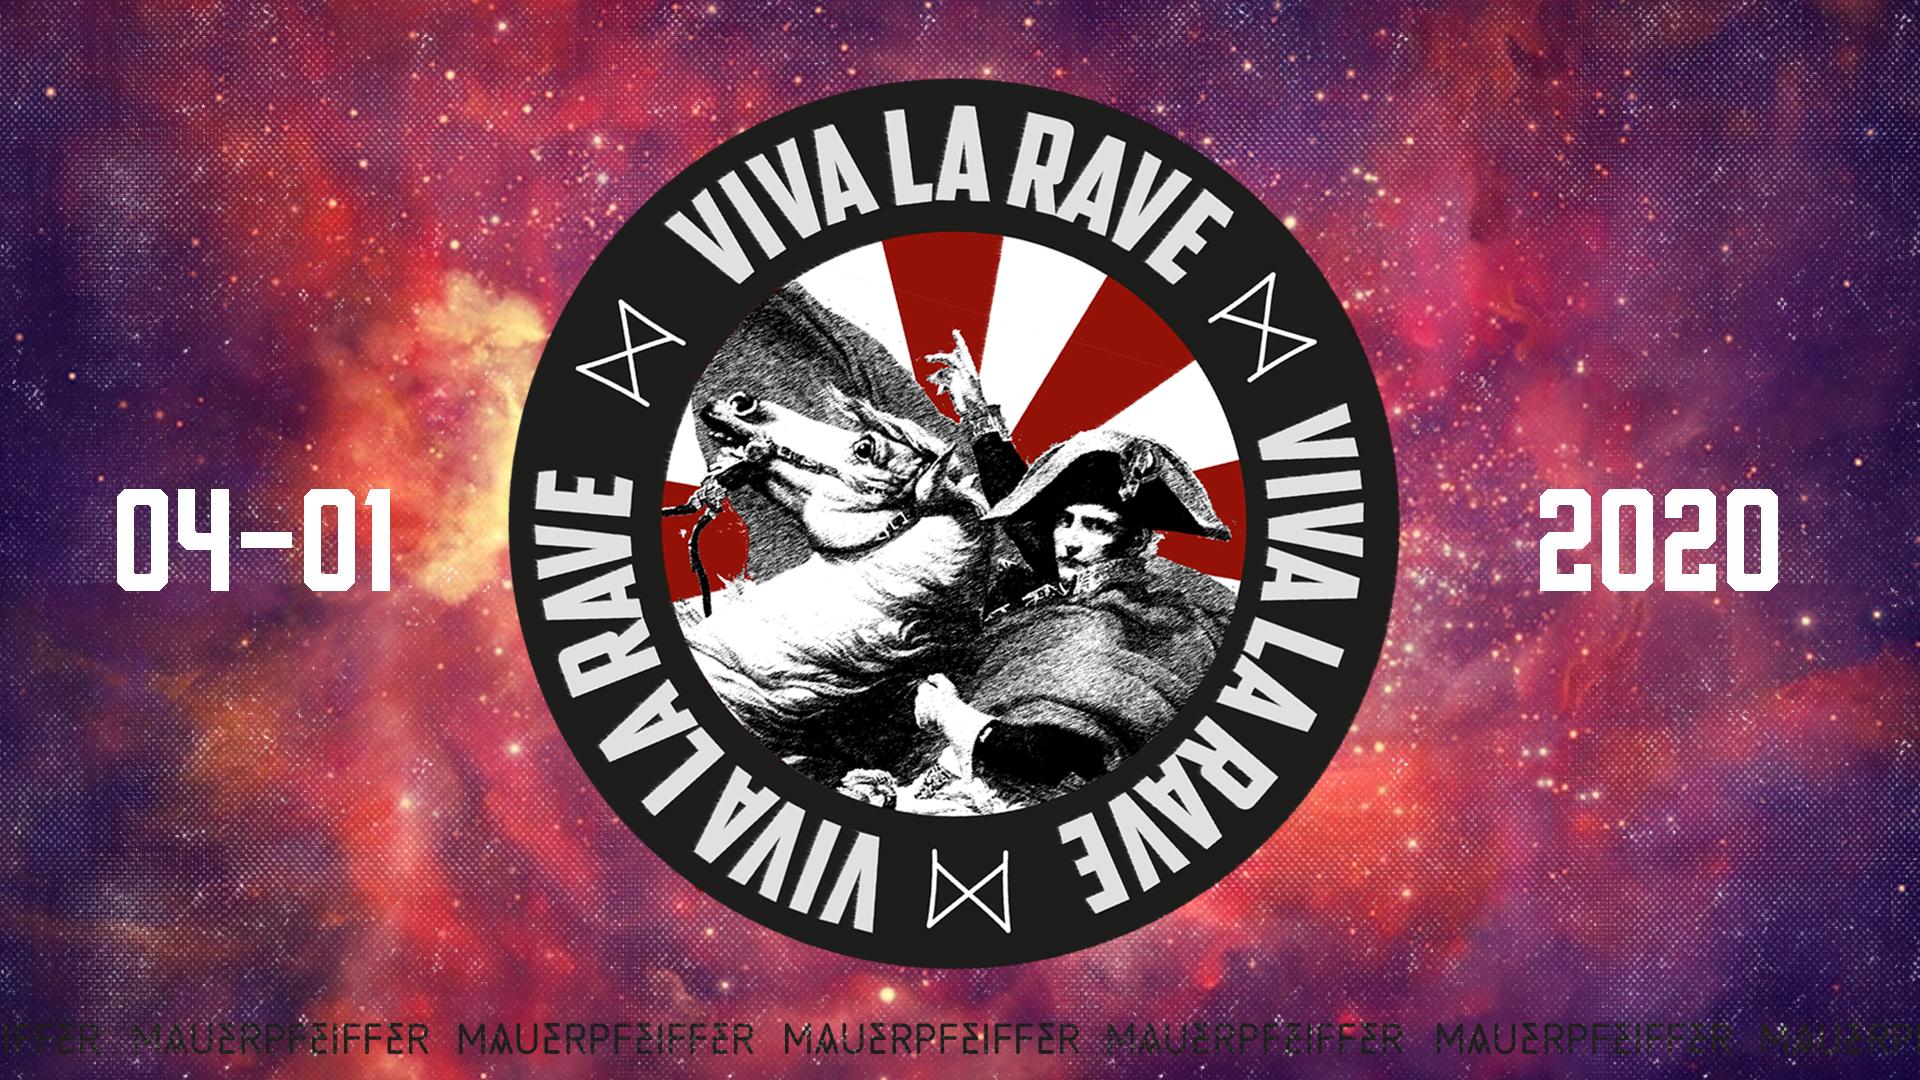 VIVA la RAVE - 14 DJs, 3 Floors - Kickstart 2020!